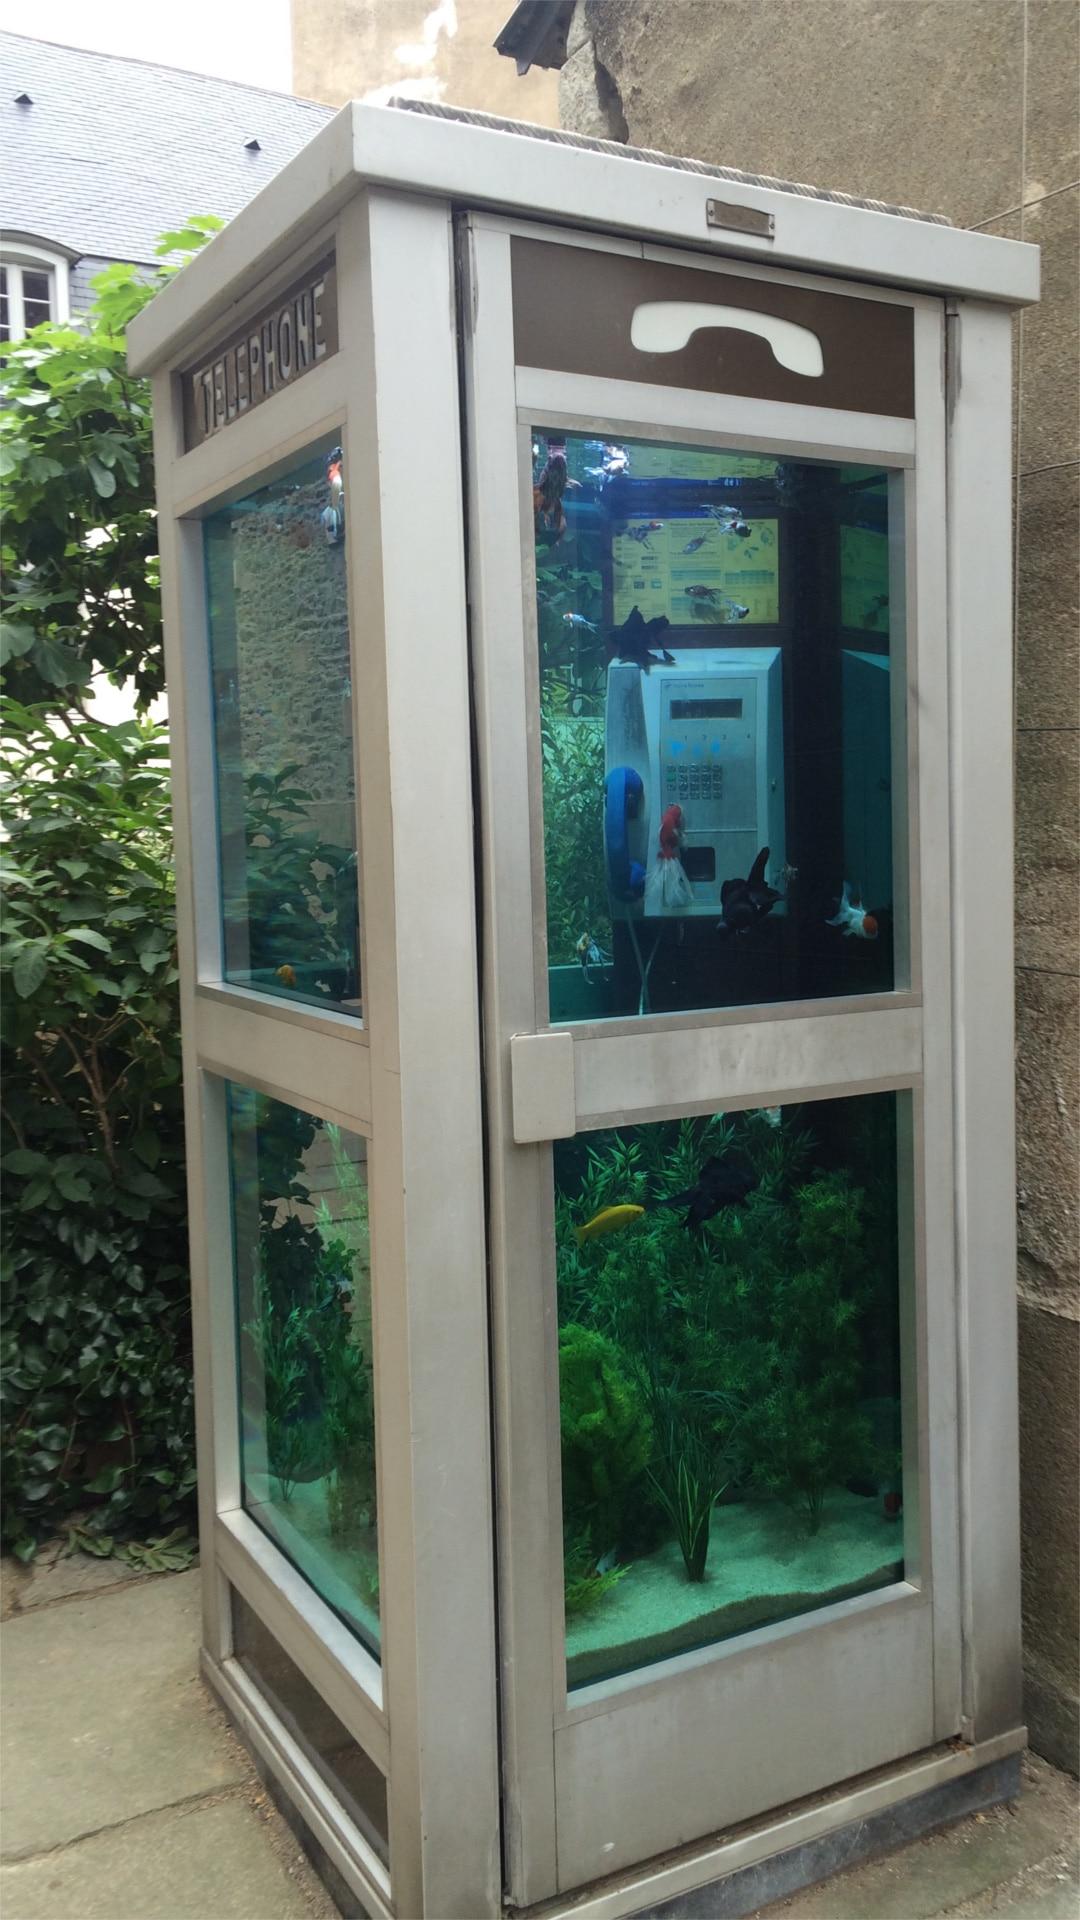 La fameuse Cabine Téléphonique-Aquarium,Œuvre de Benedetto Buffalino exposée pour le Voyage à Nantes 2016, Aménagée, installée et gérée par Biome Création!